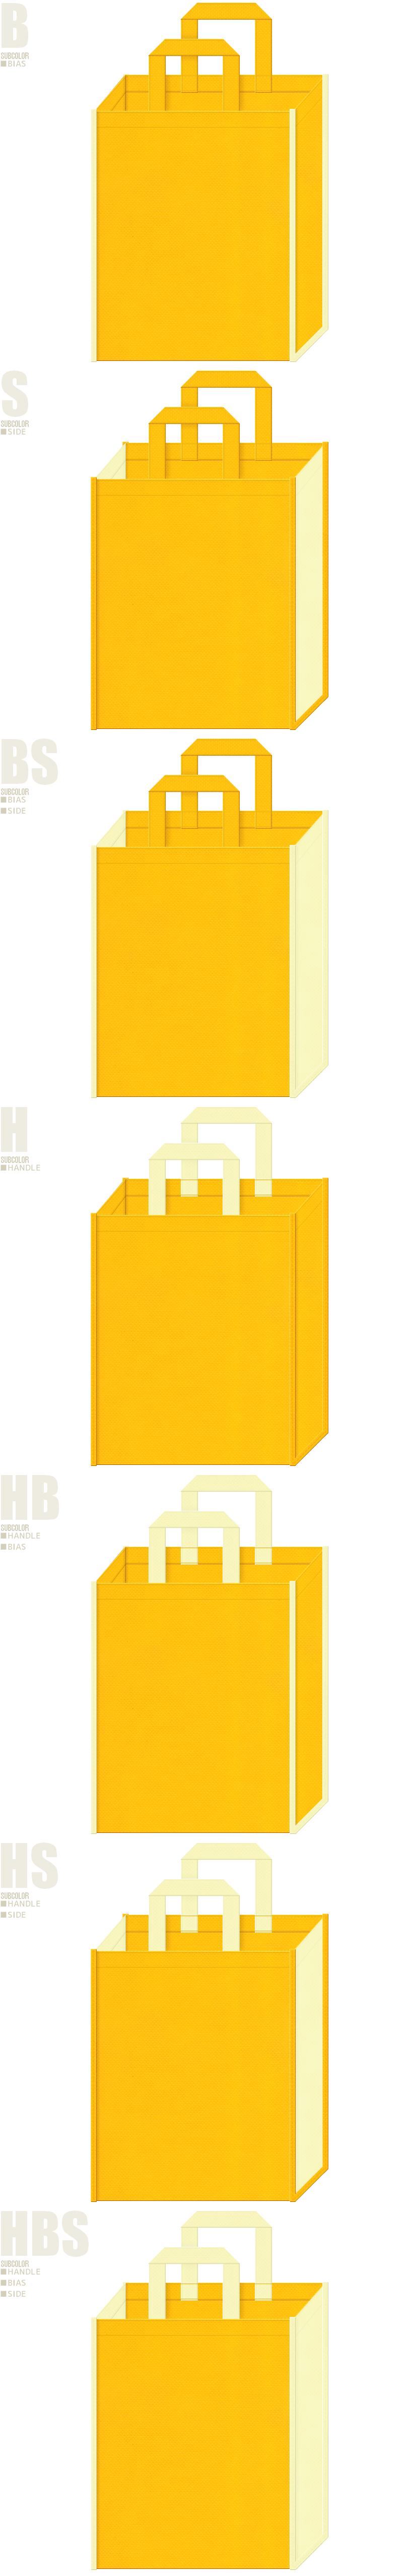 エンジェル・たまご・ひよこ・バター・ポテト・コーンスープ・レモン・バナナ・グレープフルーツ・ビタミン・菜の花・テーマパー・ク・交通安全・通園バッグ・キッズイベントにお奨めの不織布バッグデザイン:黄色と薄黄色の配色7パターン。